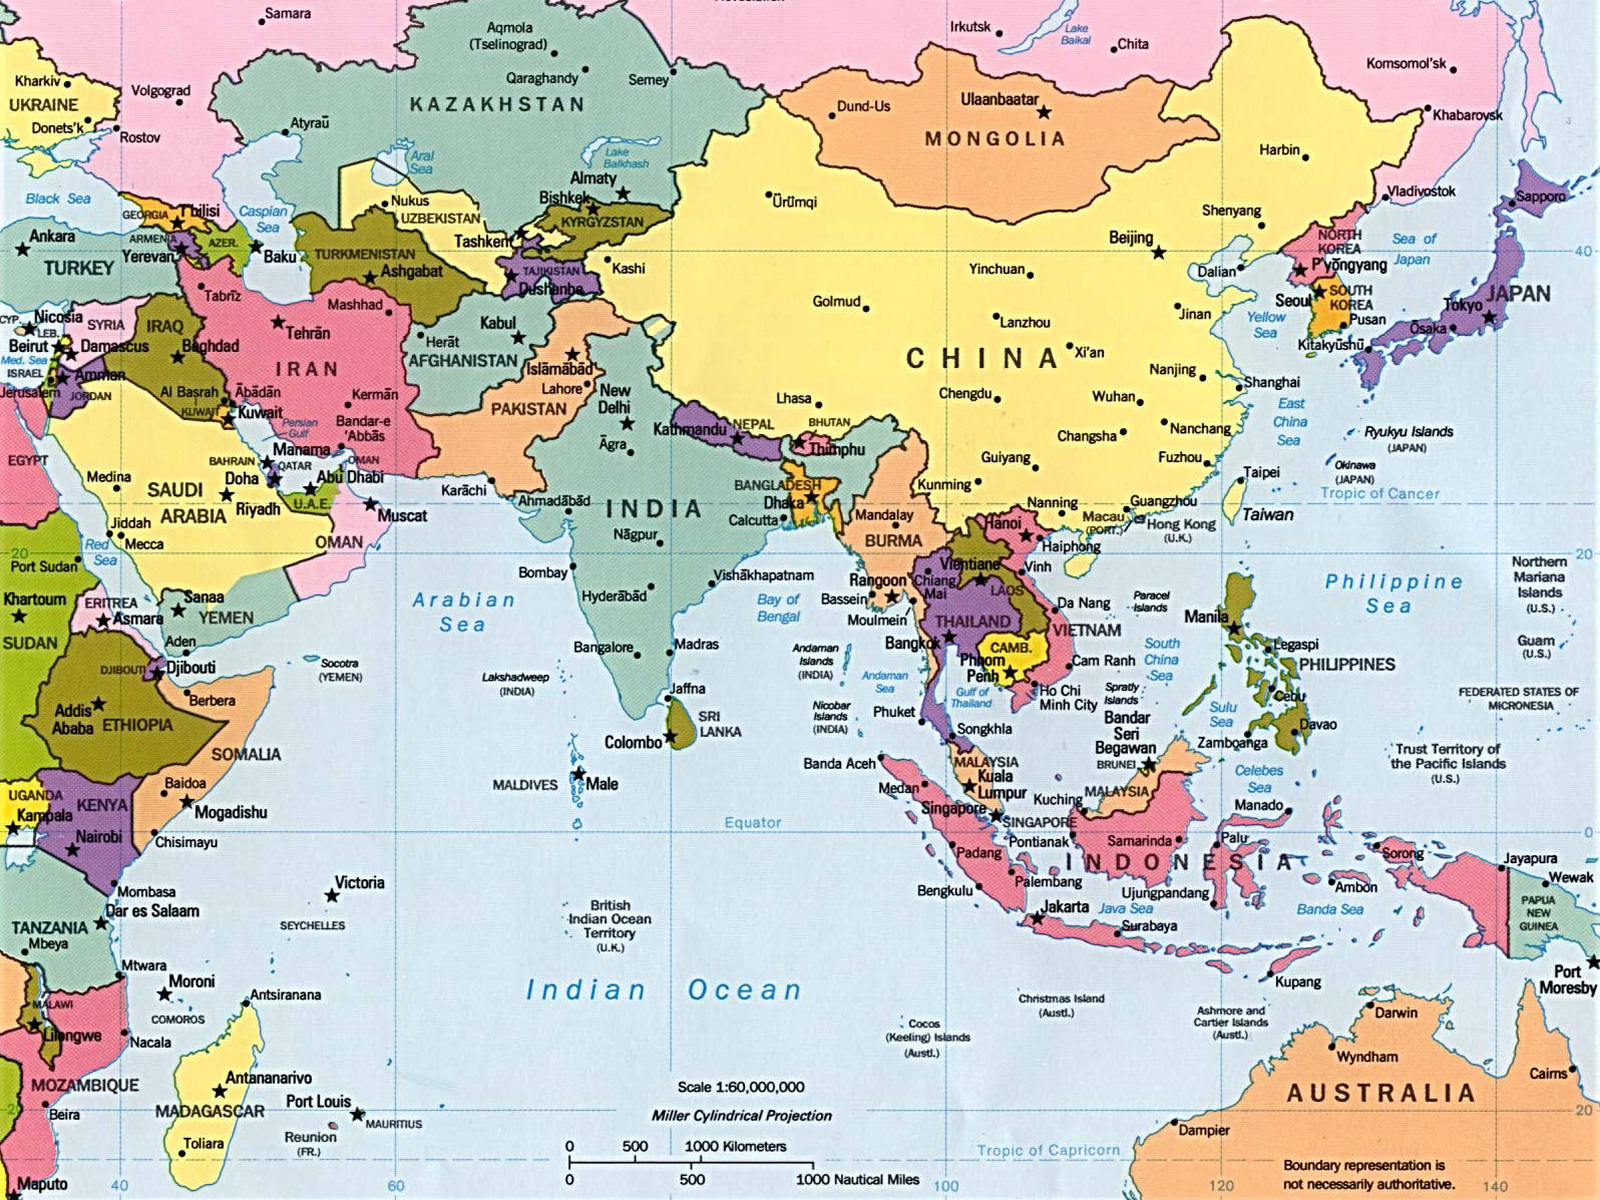 Historia Mapa fsico y poltico de Asia